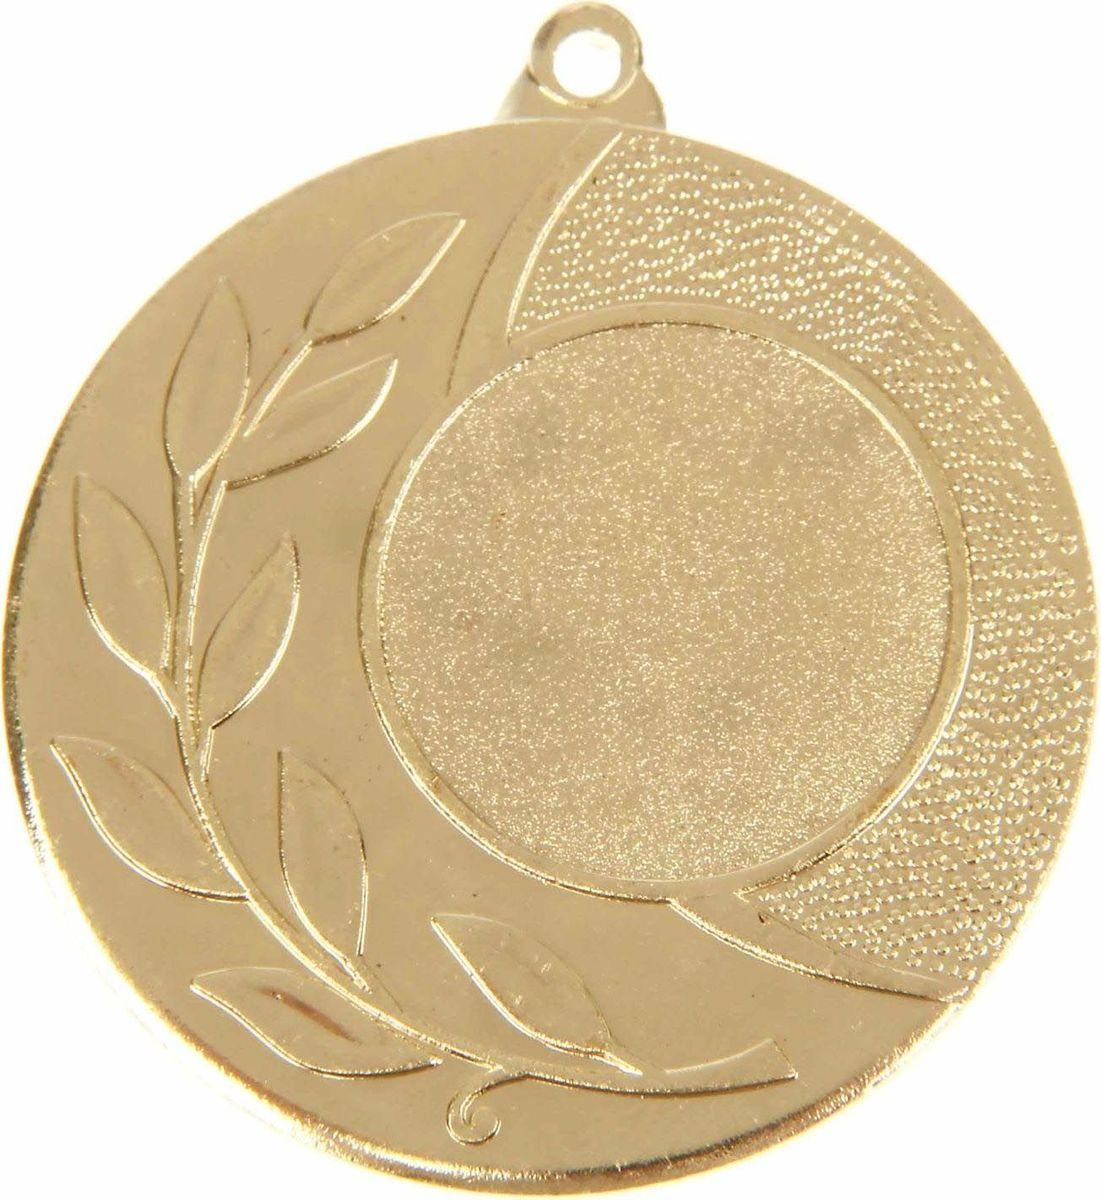 Медаль сувенирная с местом для гравировки, цвет: золотистый, диаметр 4,5 см. 0281108706Медаль — знак отличия, которым награждают самых достойных. Она вручается лишь тем, кто проявил настойчивость и волю к победе. Каждое достижение — это важное событие, которое должно остаться в памяти на долгие годы. Любое спортивное состязание, профессиональное или среди любителей, любое корпоративное мероприятие — отличный повод для того, чтобы отметить лучших из лучших. Характеристики:Диаметр медали: 4,5 см Диаметр вкладыша (лицо): 2,5 см Диаметр вкладыша (оборот): 4 см. Пусть любая победа будет отмечена соответствующей наградой!